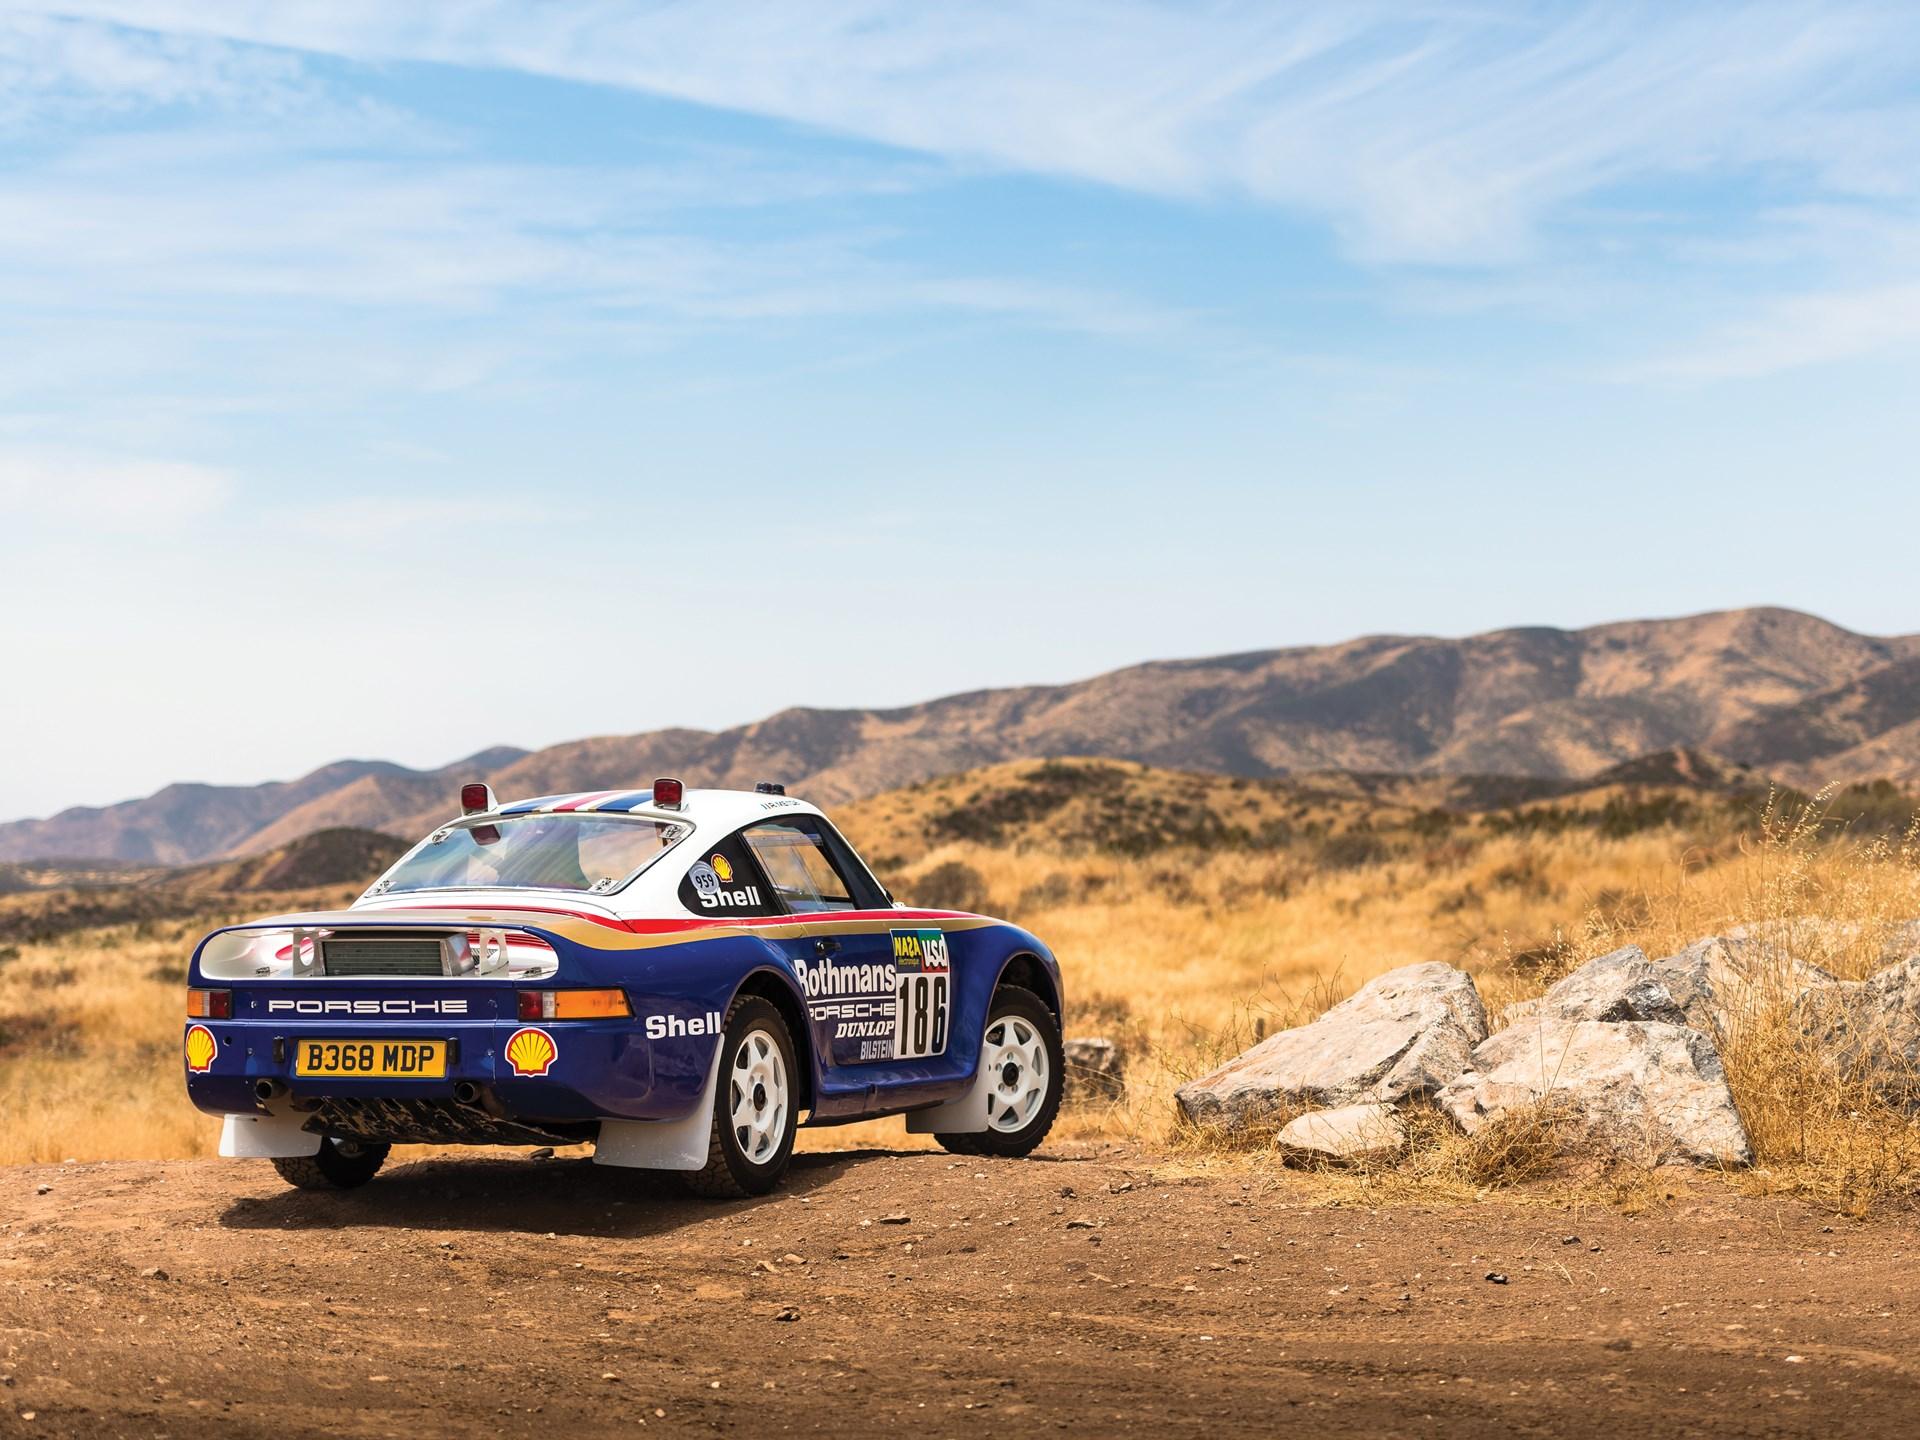 1985 Porsche 959 Paris-Dakar rear 3/4 mountain